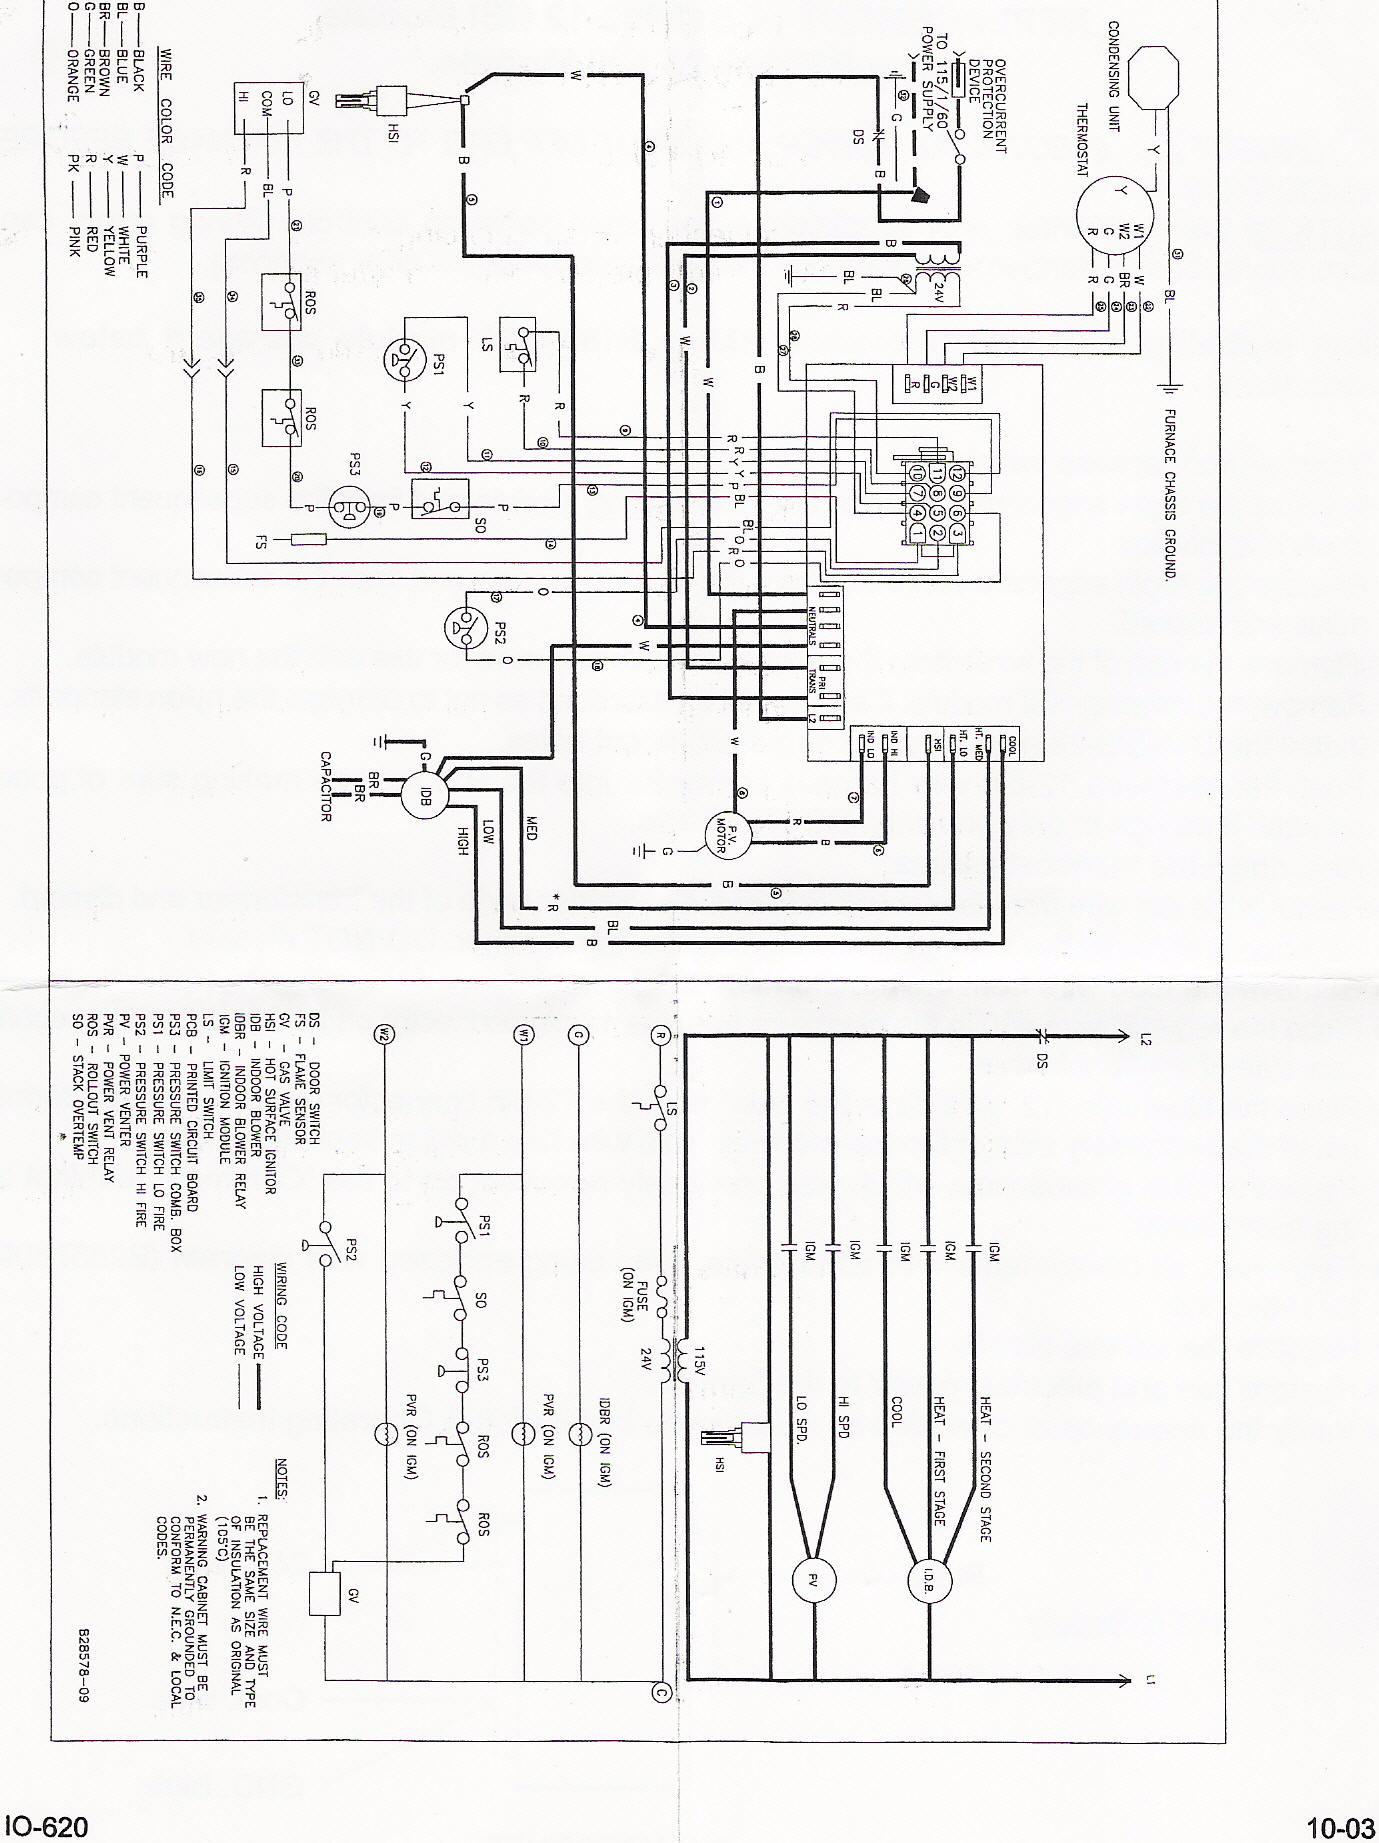 Janitrol Hpt18 60 Wiring Diagram